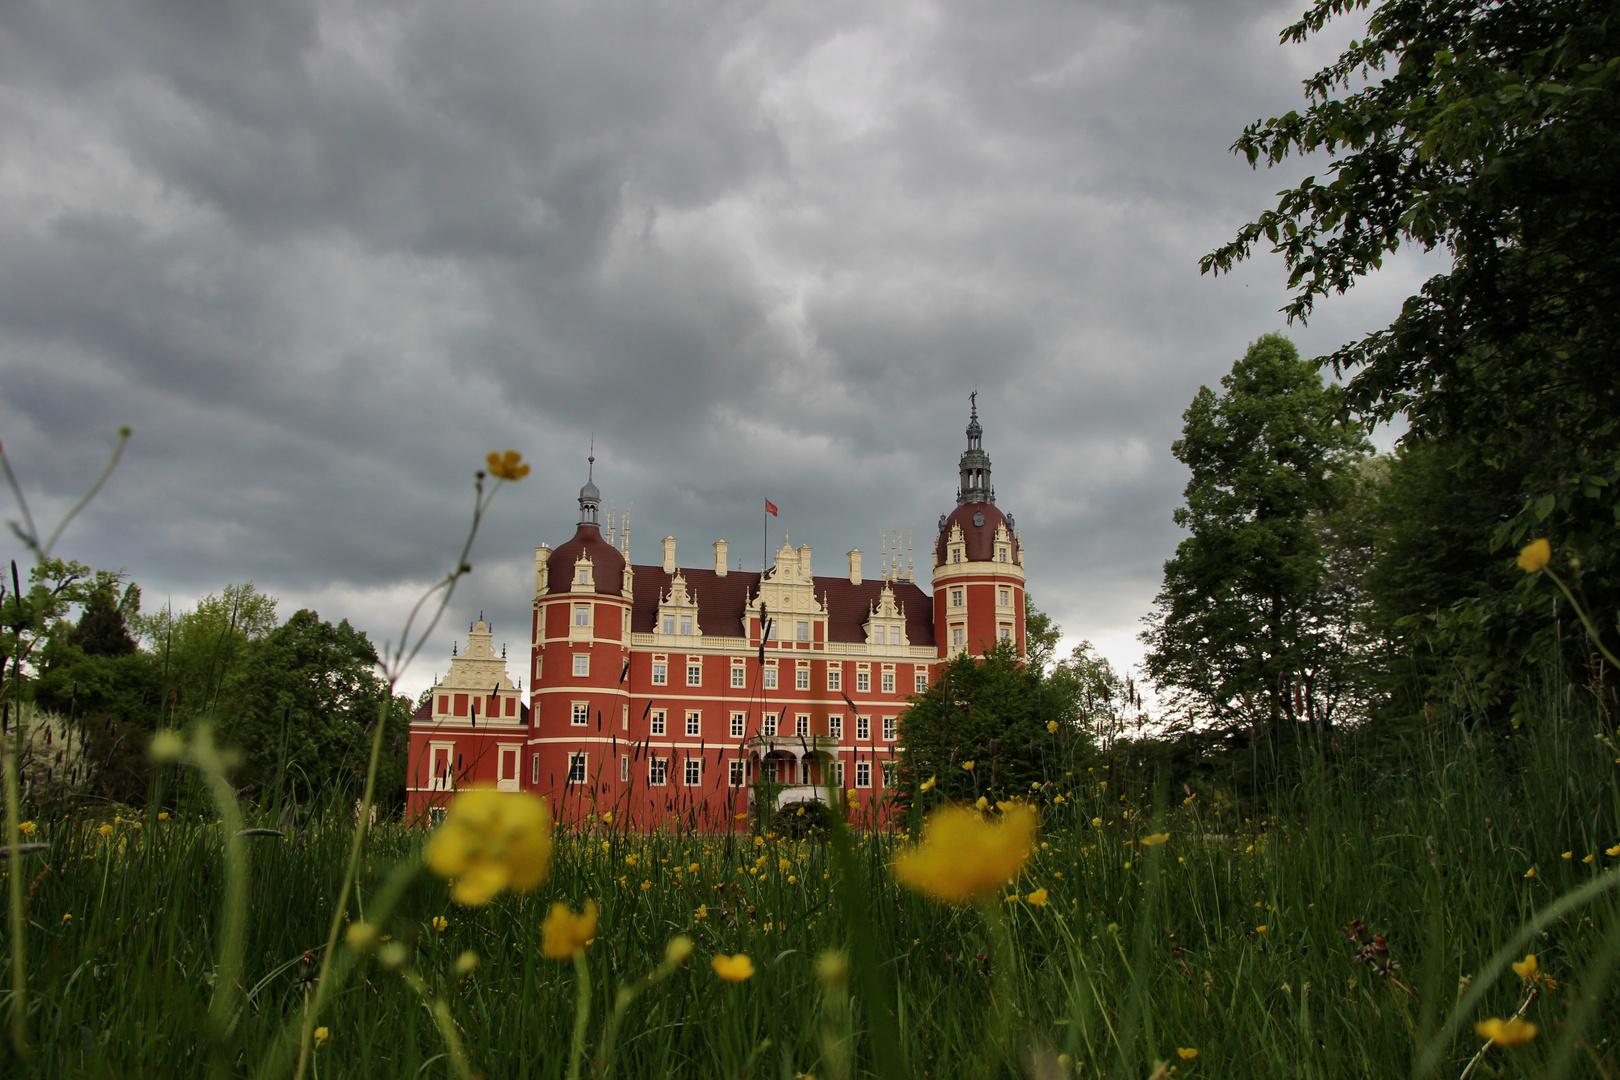 Gewitterwolken über den Schlosspark